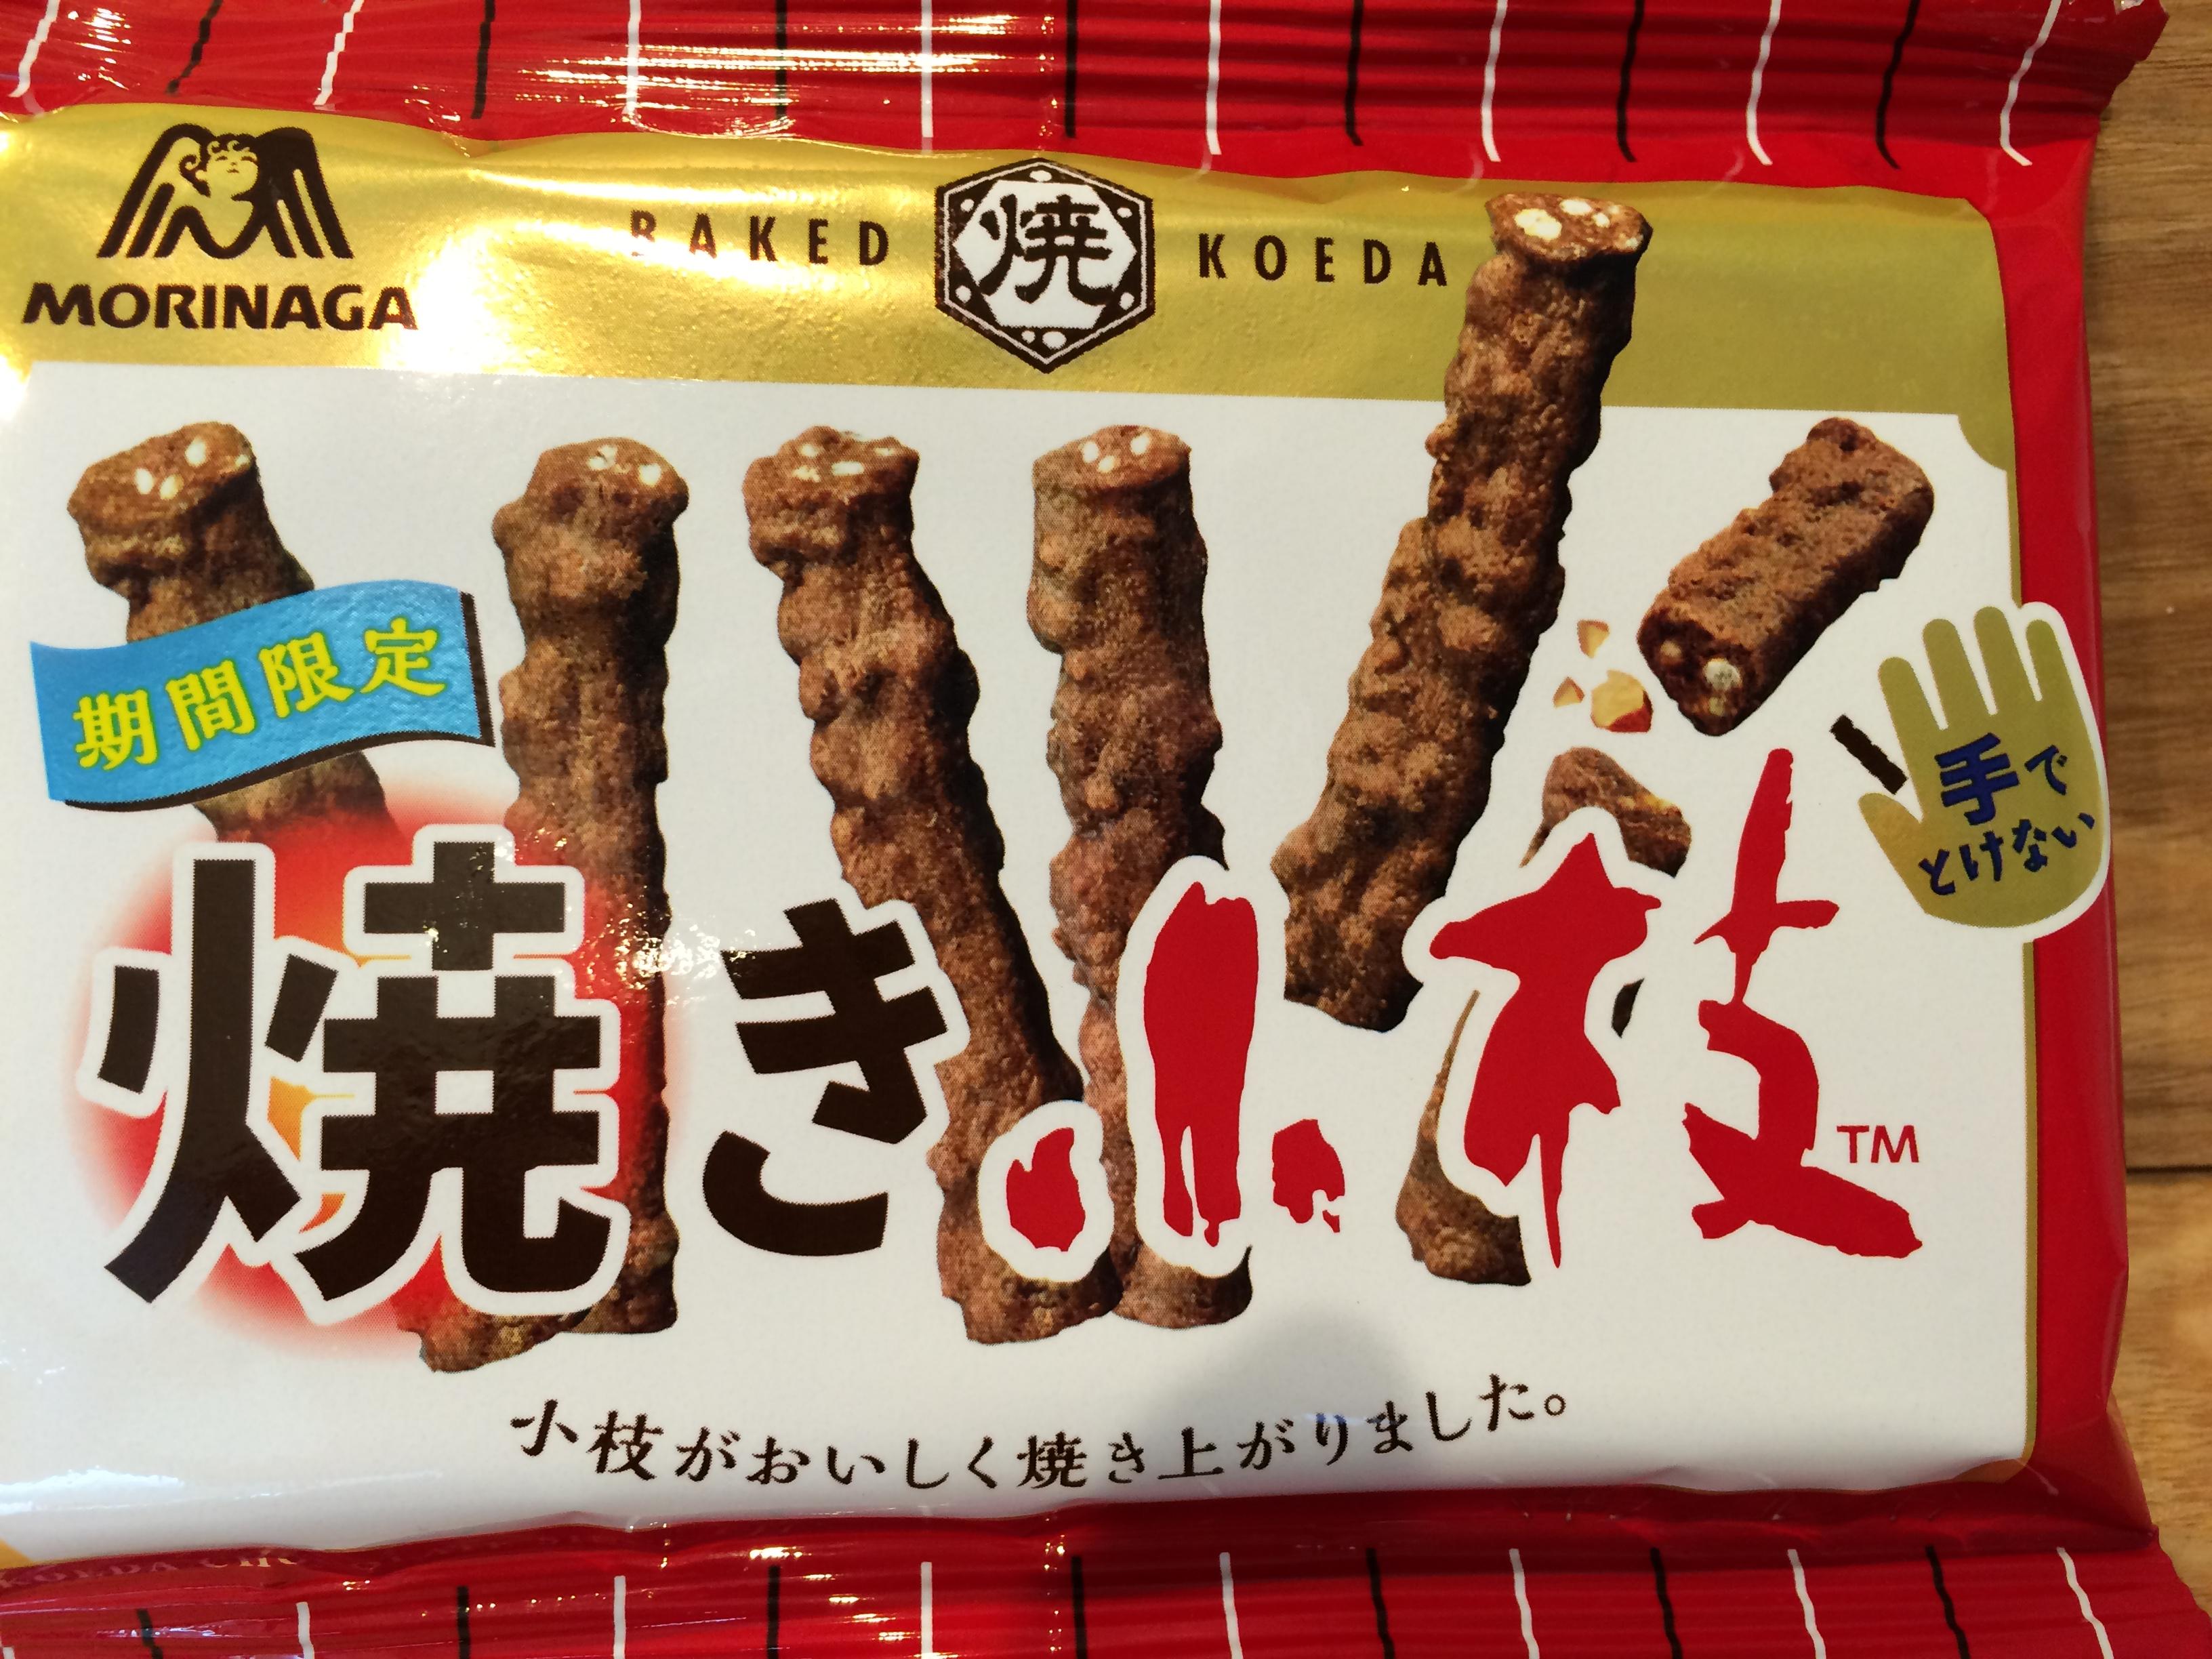 【期間限定】森永製菓の焼き小枝は夏でも食べれるチョコスイーツ